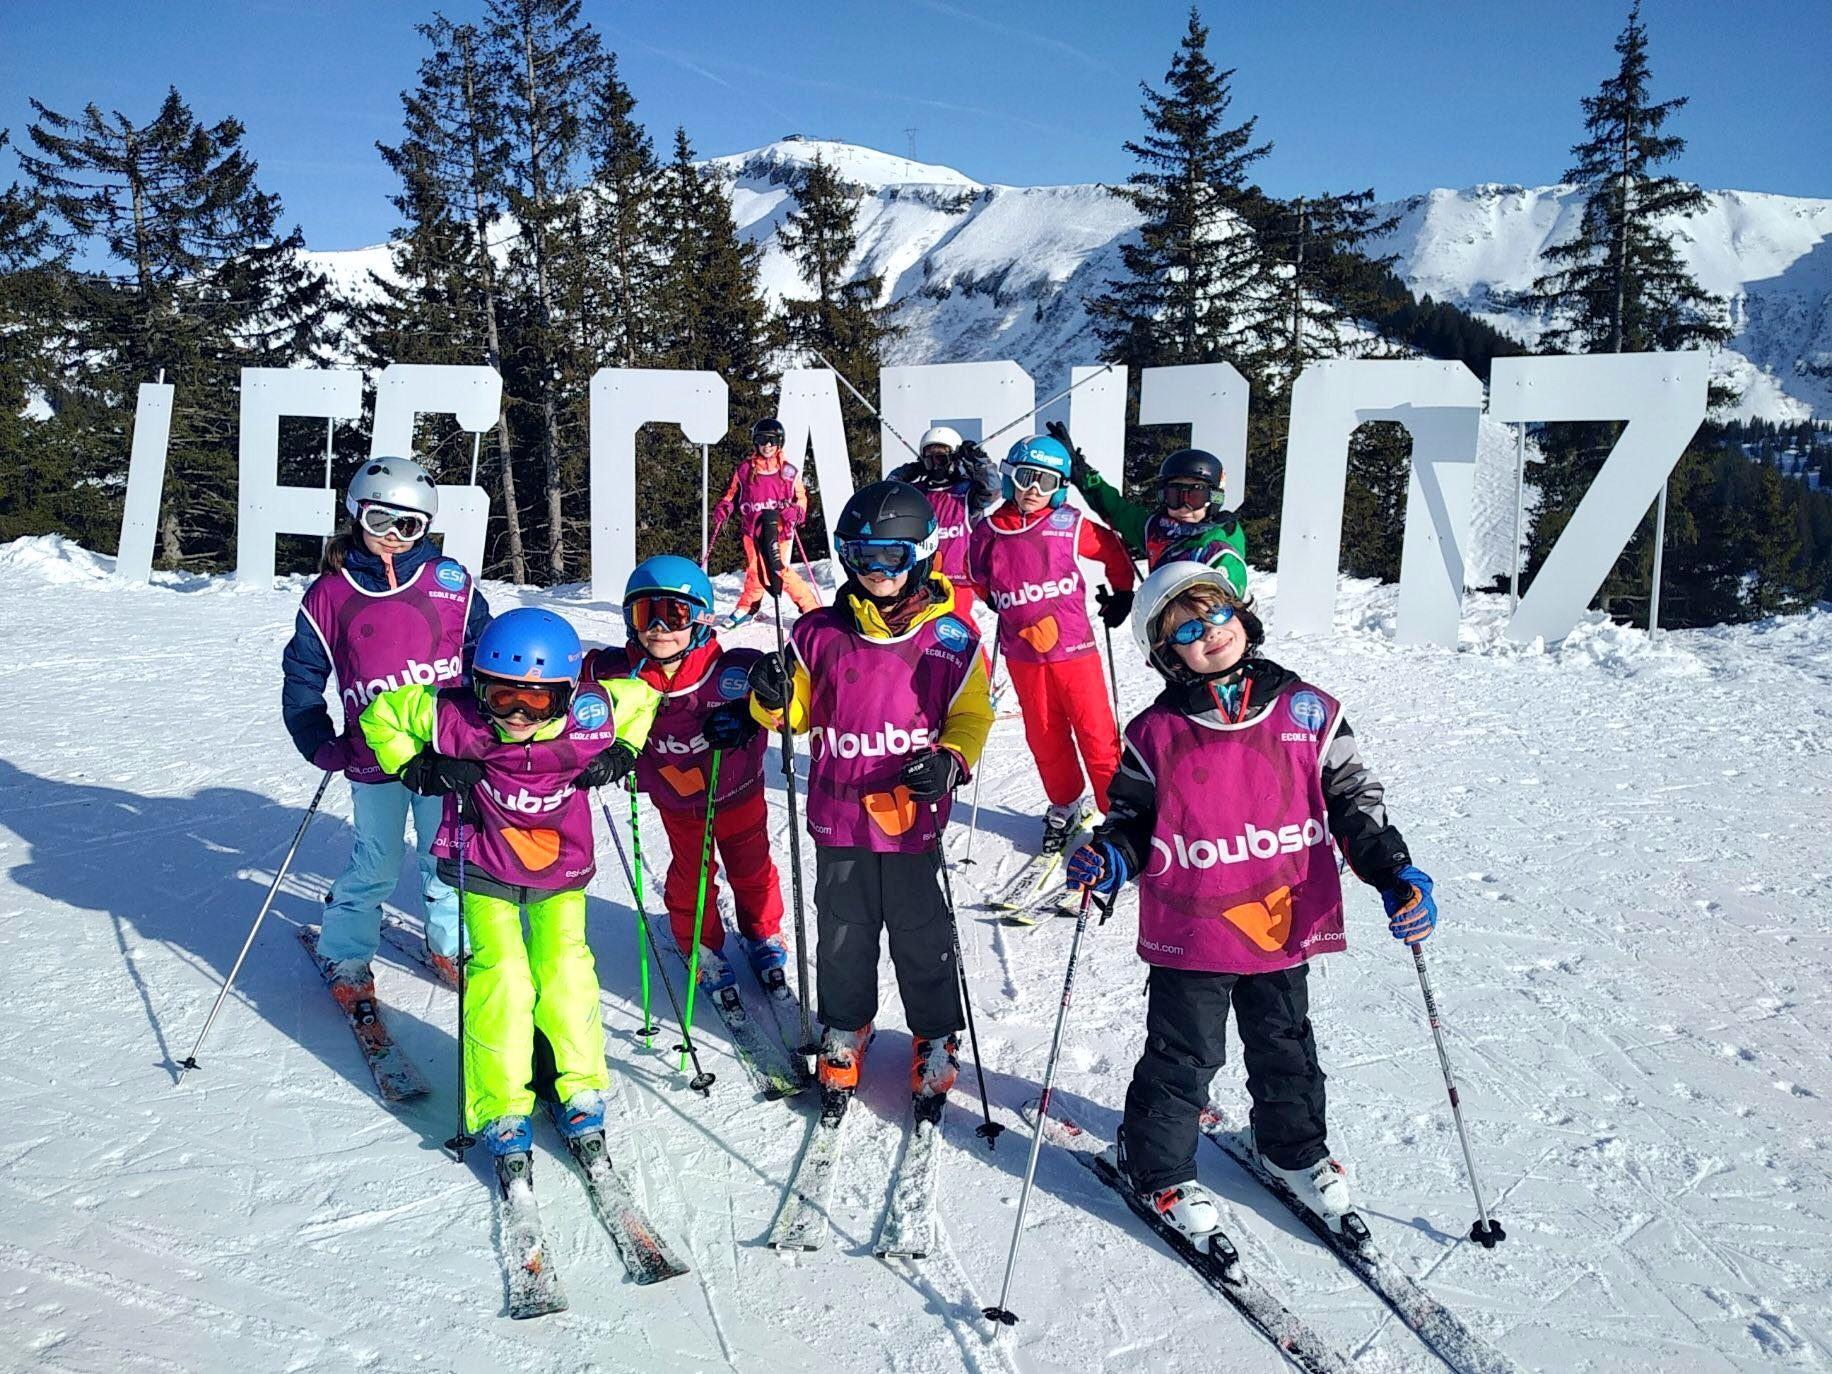 Cours de Ski pour Enfants (5-15 ans) - Les Carroz - Matin